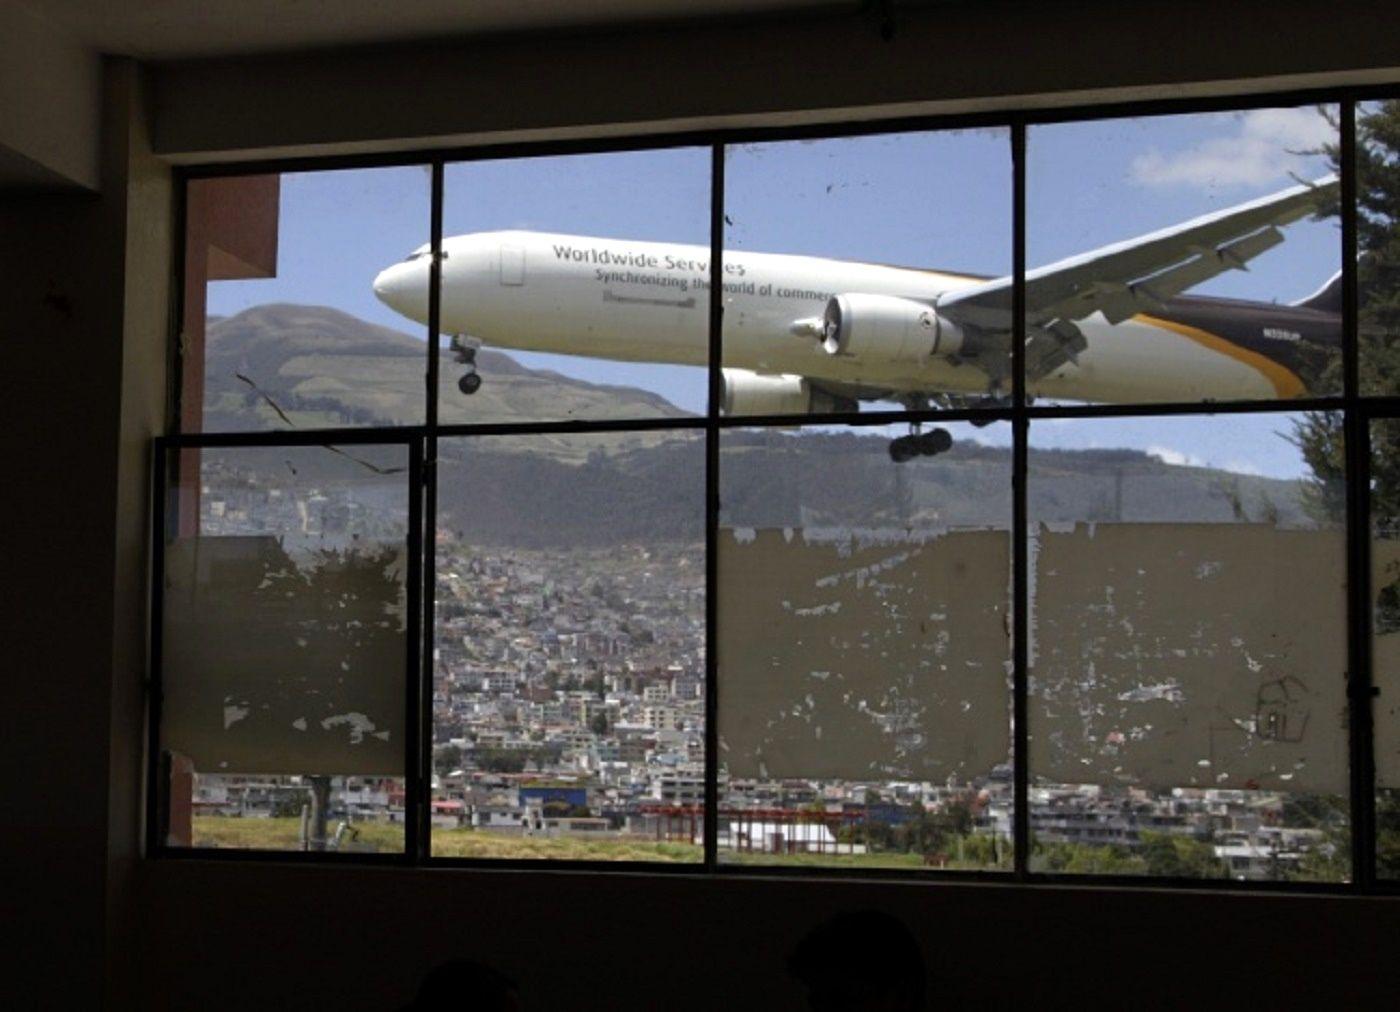 Mariscal Sucre – Quito, Equador Através da parede de vidro do aeroporto se vê um avião chegar e aterrizar. O Aeroporto da Capital do Equador é um dos aeroportos mais difíceis para os pilotos na América Latina. Há uma pista de aterrizagem muito curta, que passa perto de vários vulcões ativos. http://www.taringa.net/posts/imagenes/16906703/Los-15-aeropuertos-mas-insolitos.html